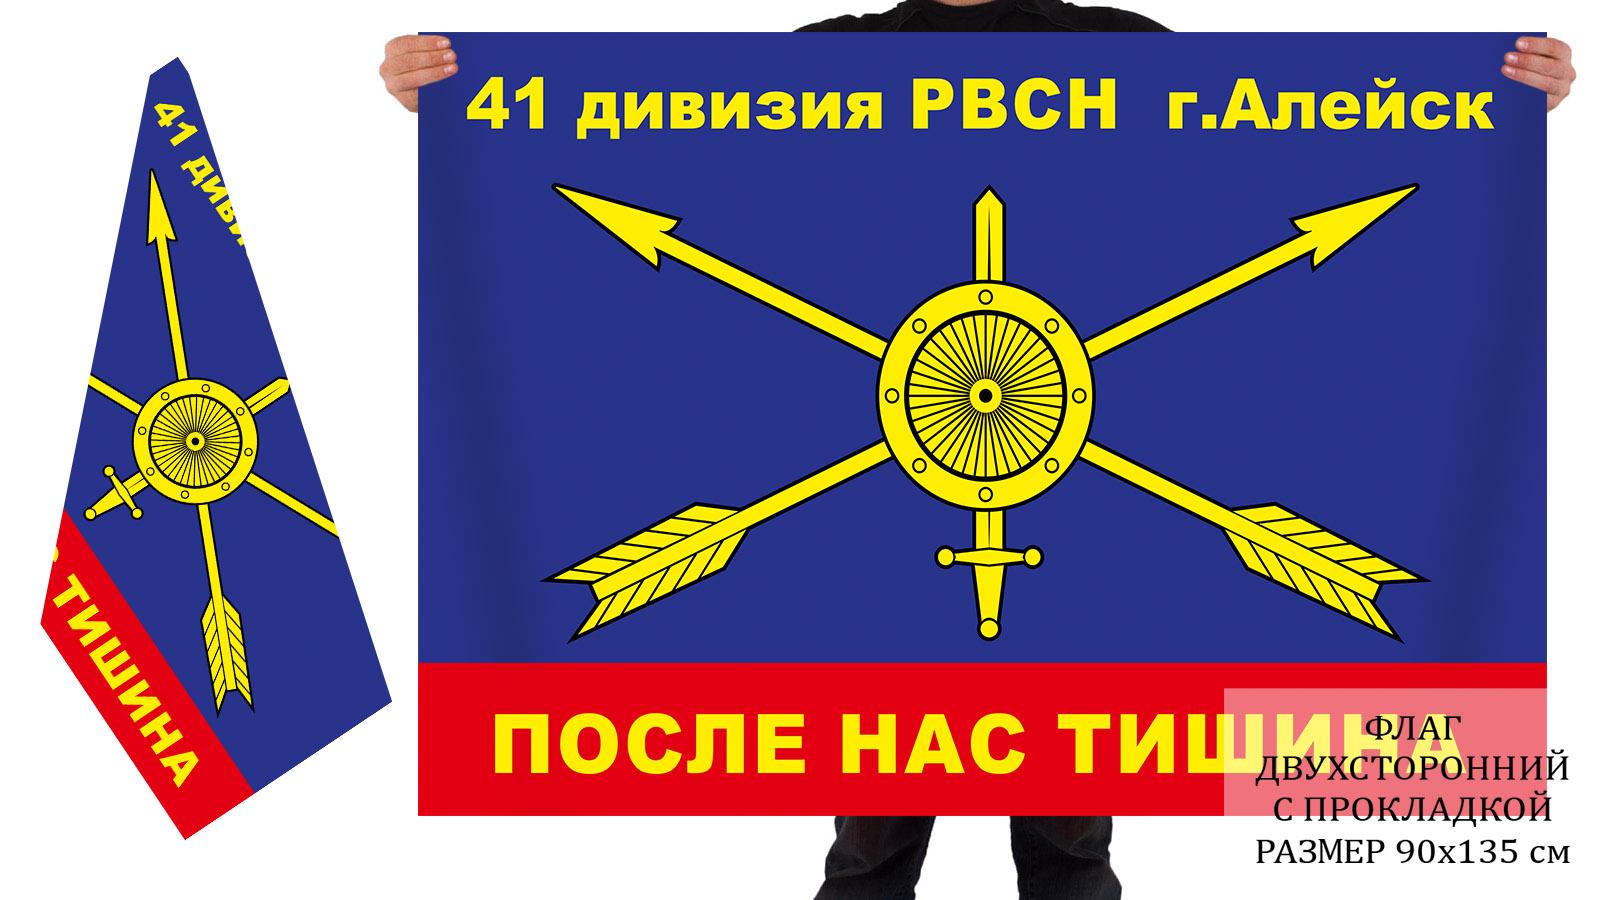 Двусторонний флаг 41 дивизии РВСН